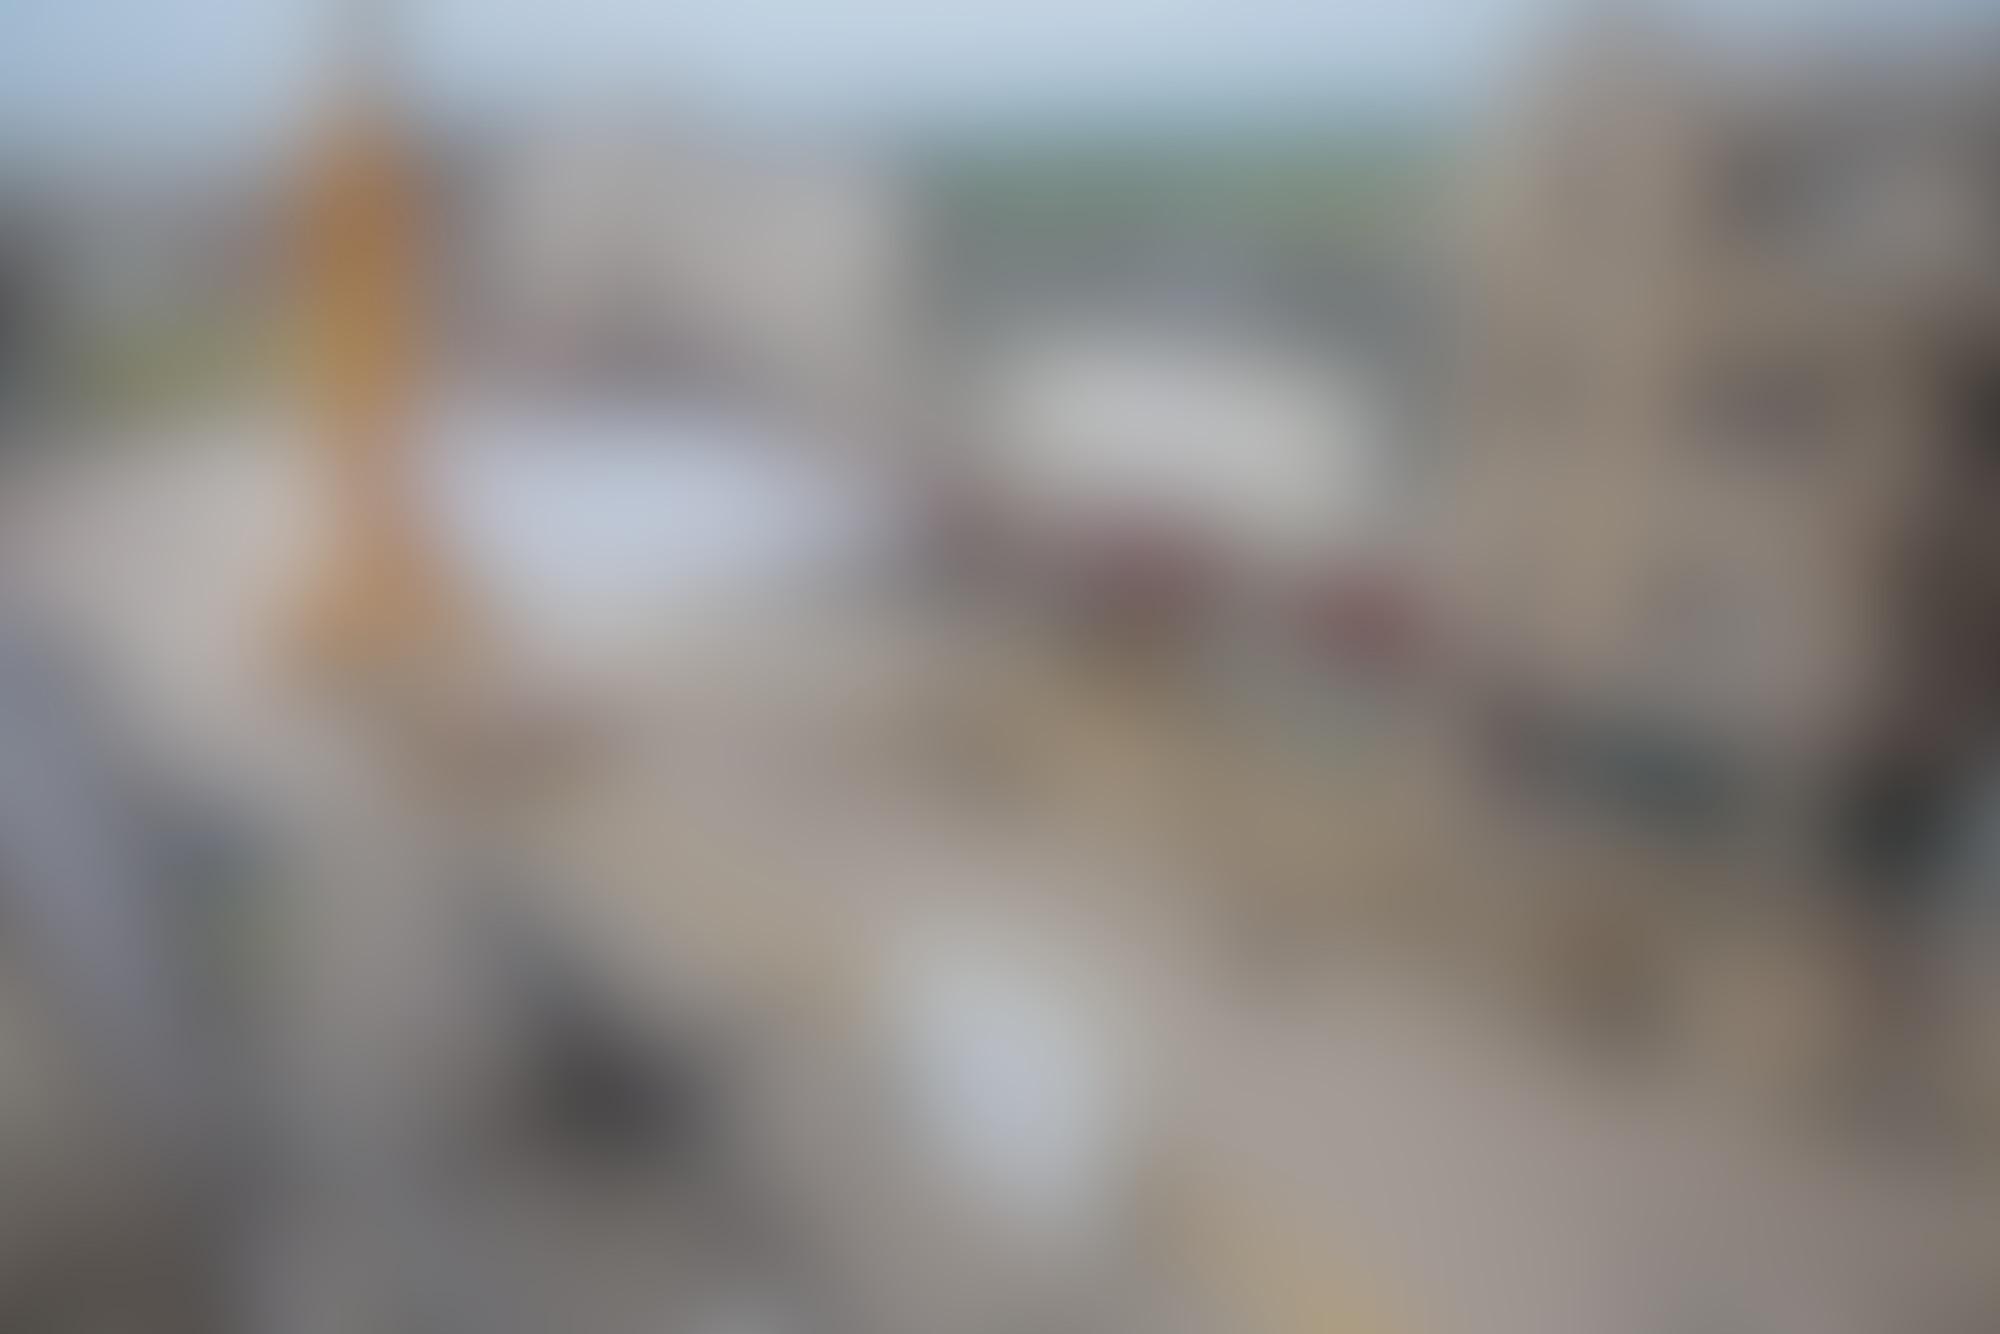 KM 5496 autocompressfitresizeixlibphp 1 1 0max h2000max w3 D2000q80s0a0589b034ba92a85f75d9f9a0dbb354